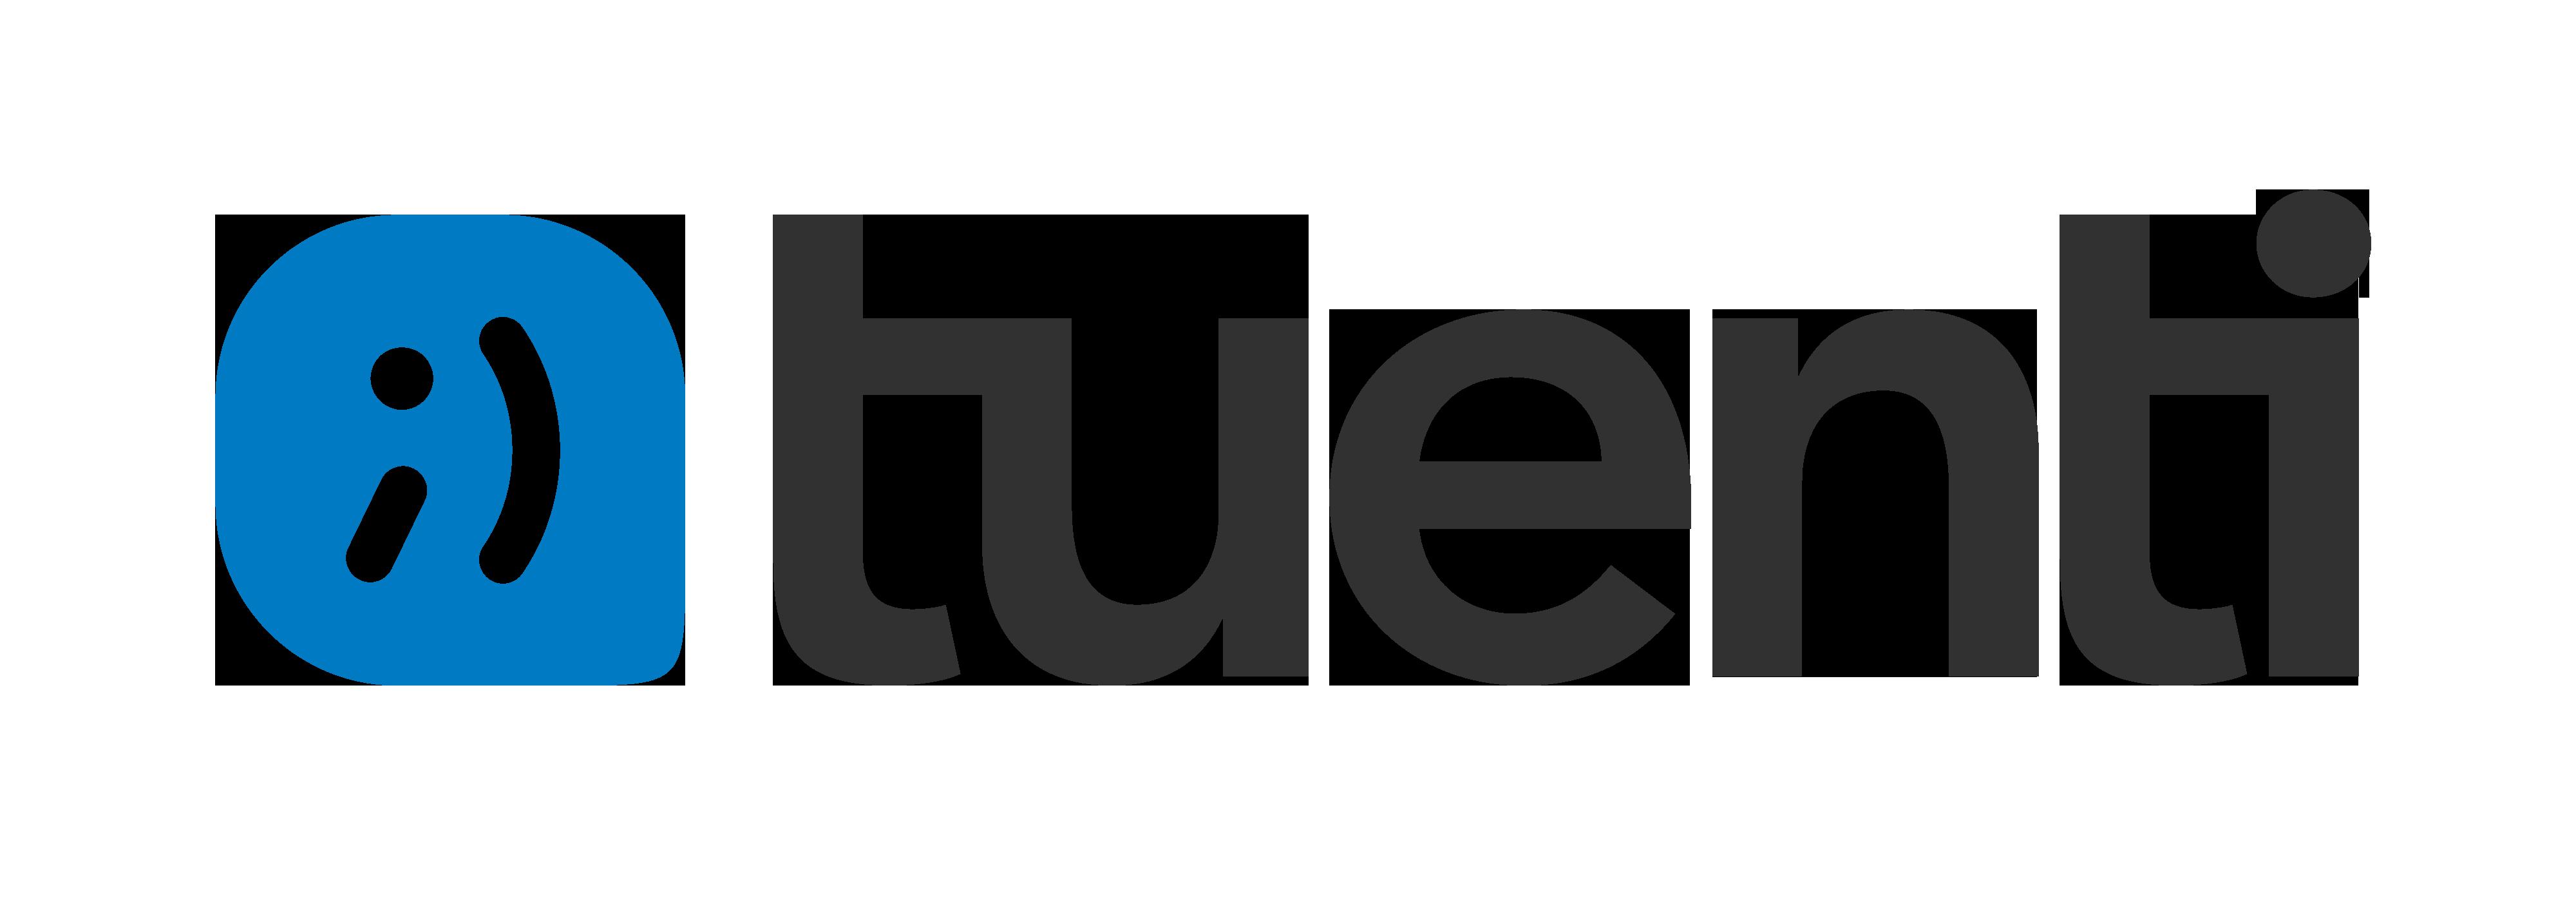 Tuenti pierde gran parte de sus usuarios en 6 meses